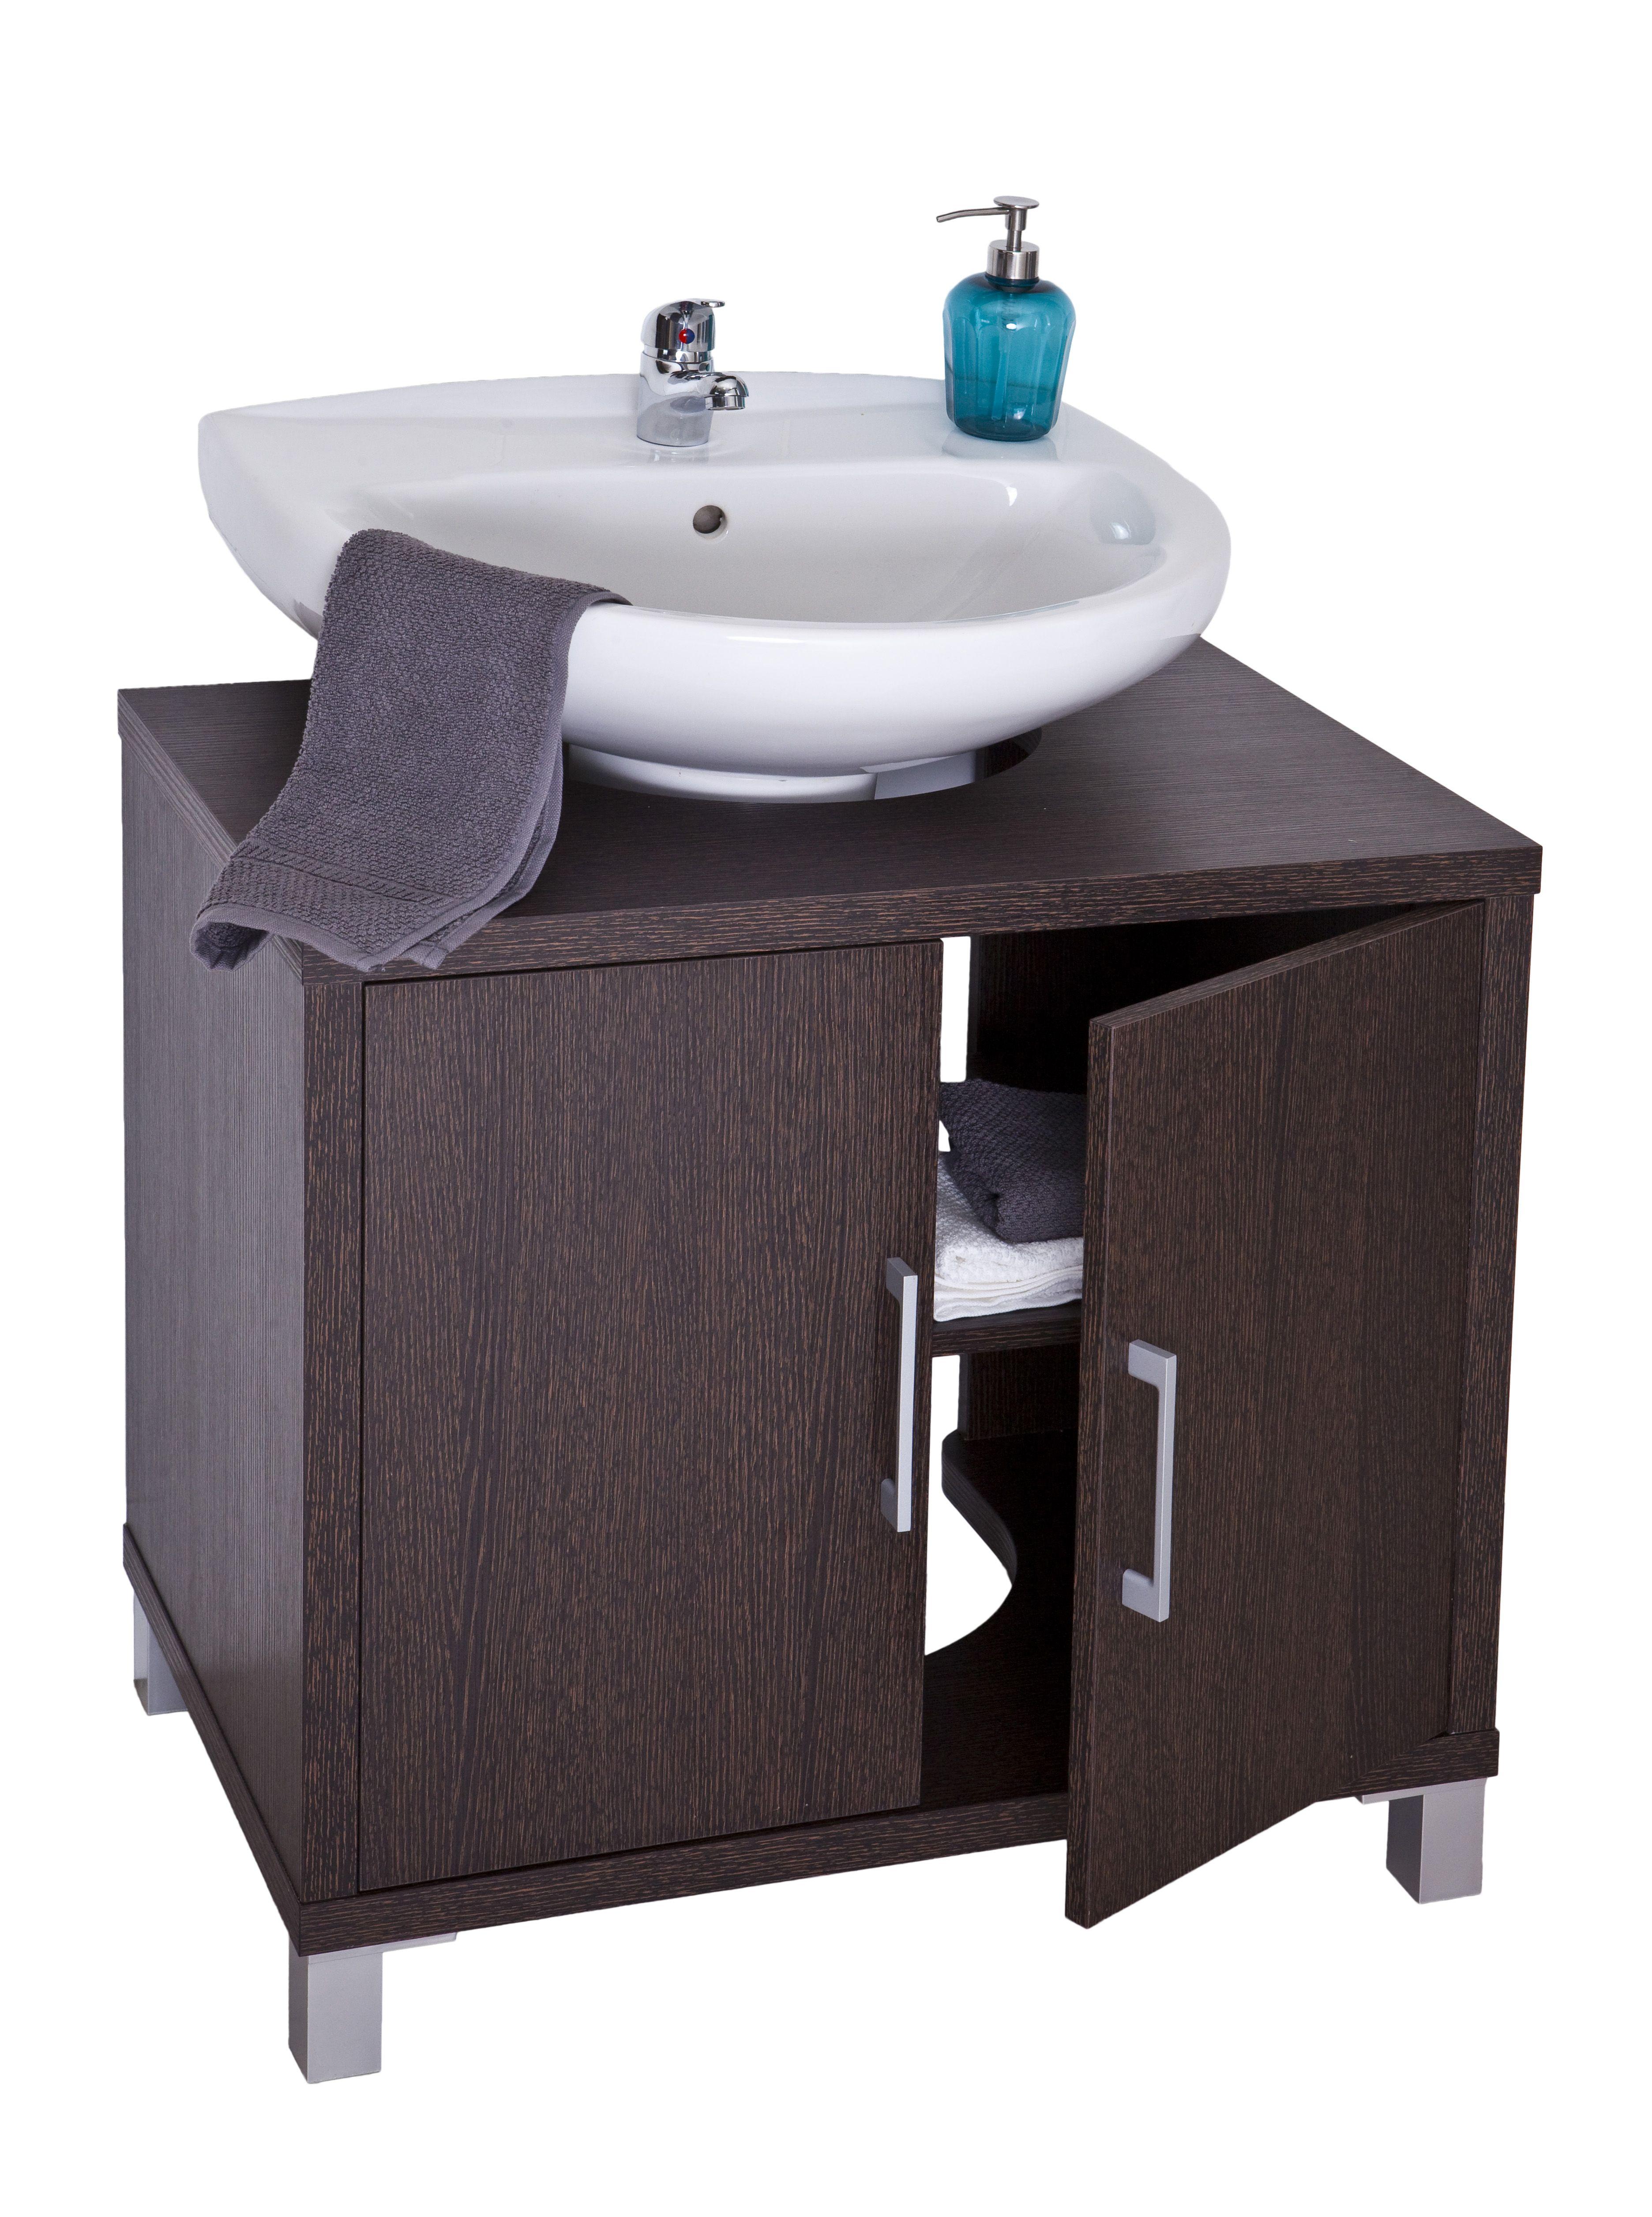 Muebles para el ba o en topkit topkit for Idea de muebles quedarse